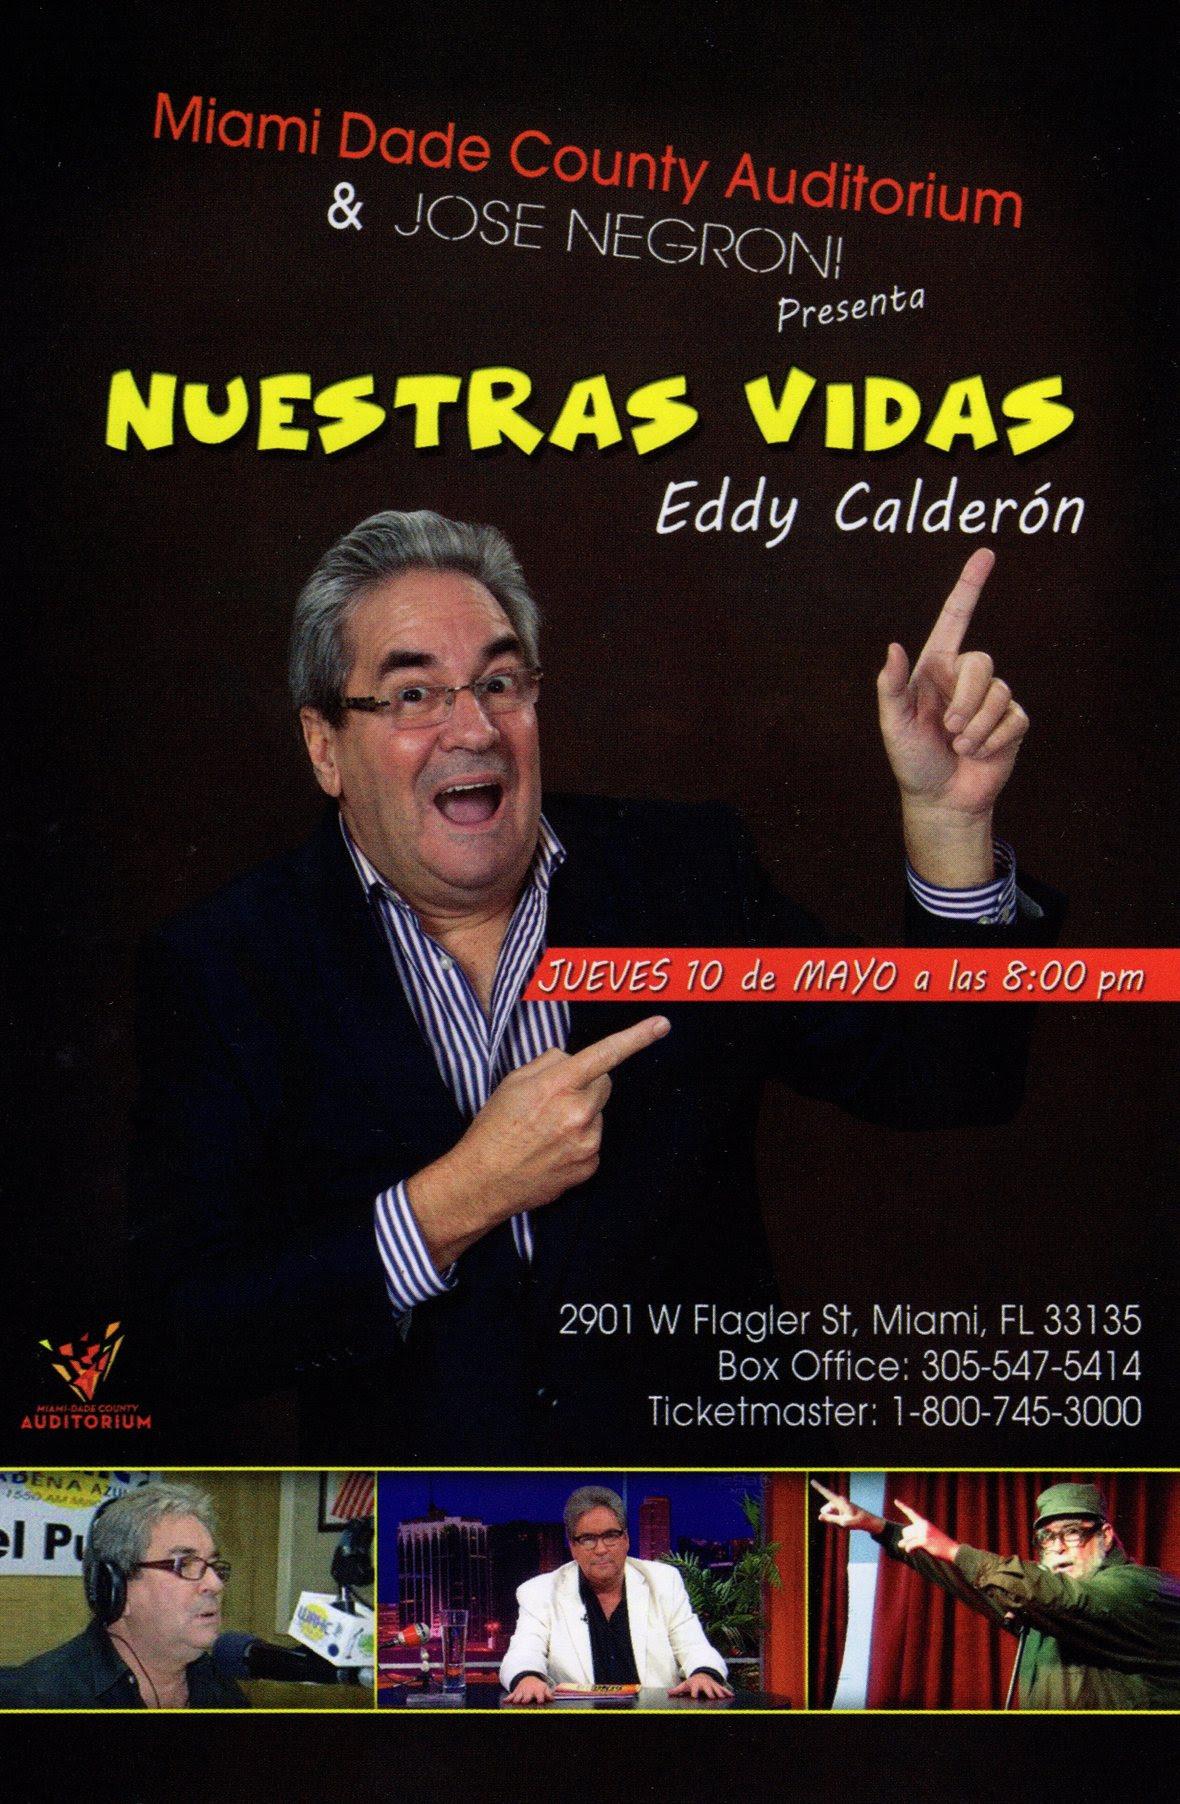 EddyFlyer001